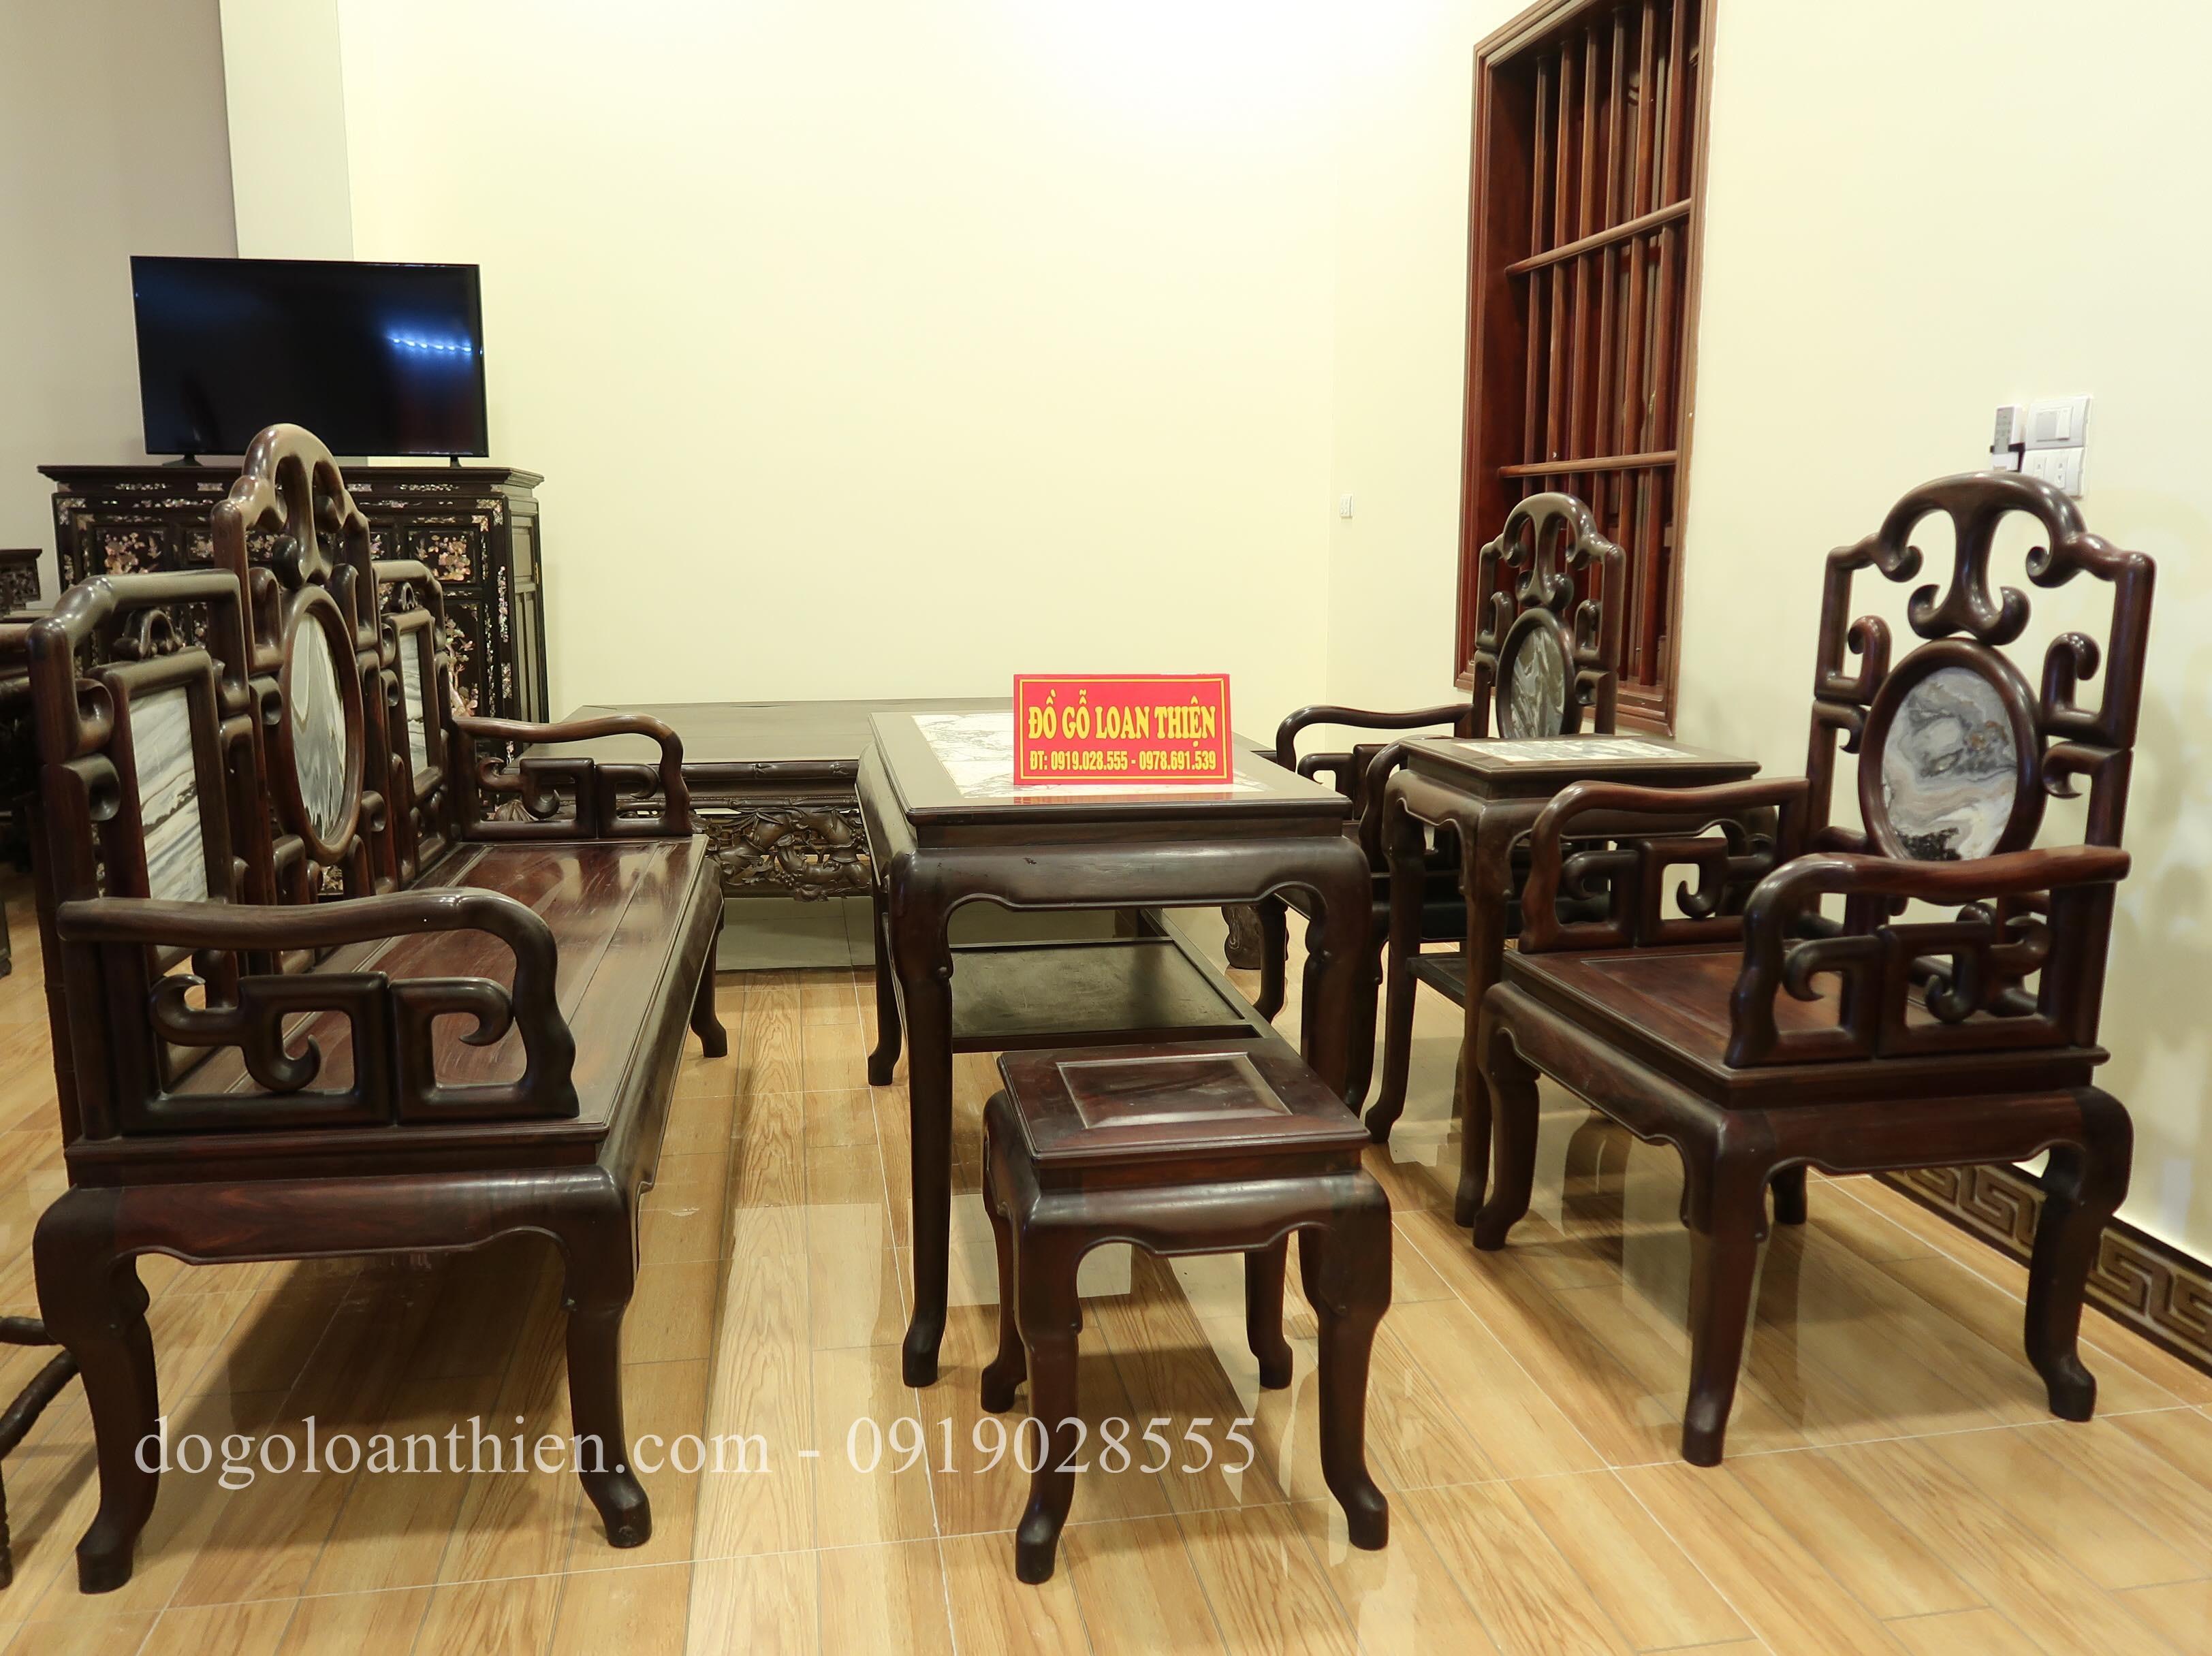 Bộ bàn ghế móc mỏ gỗ trắc, tinh tế và sang trọng